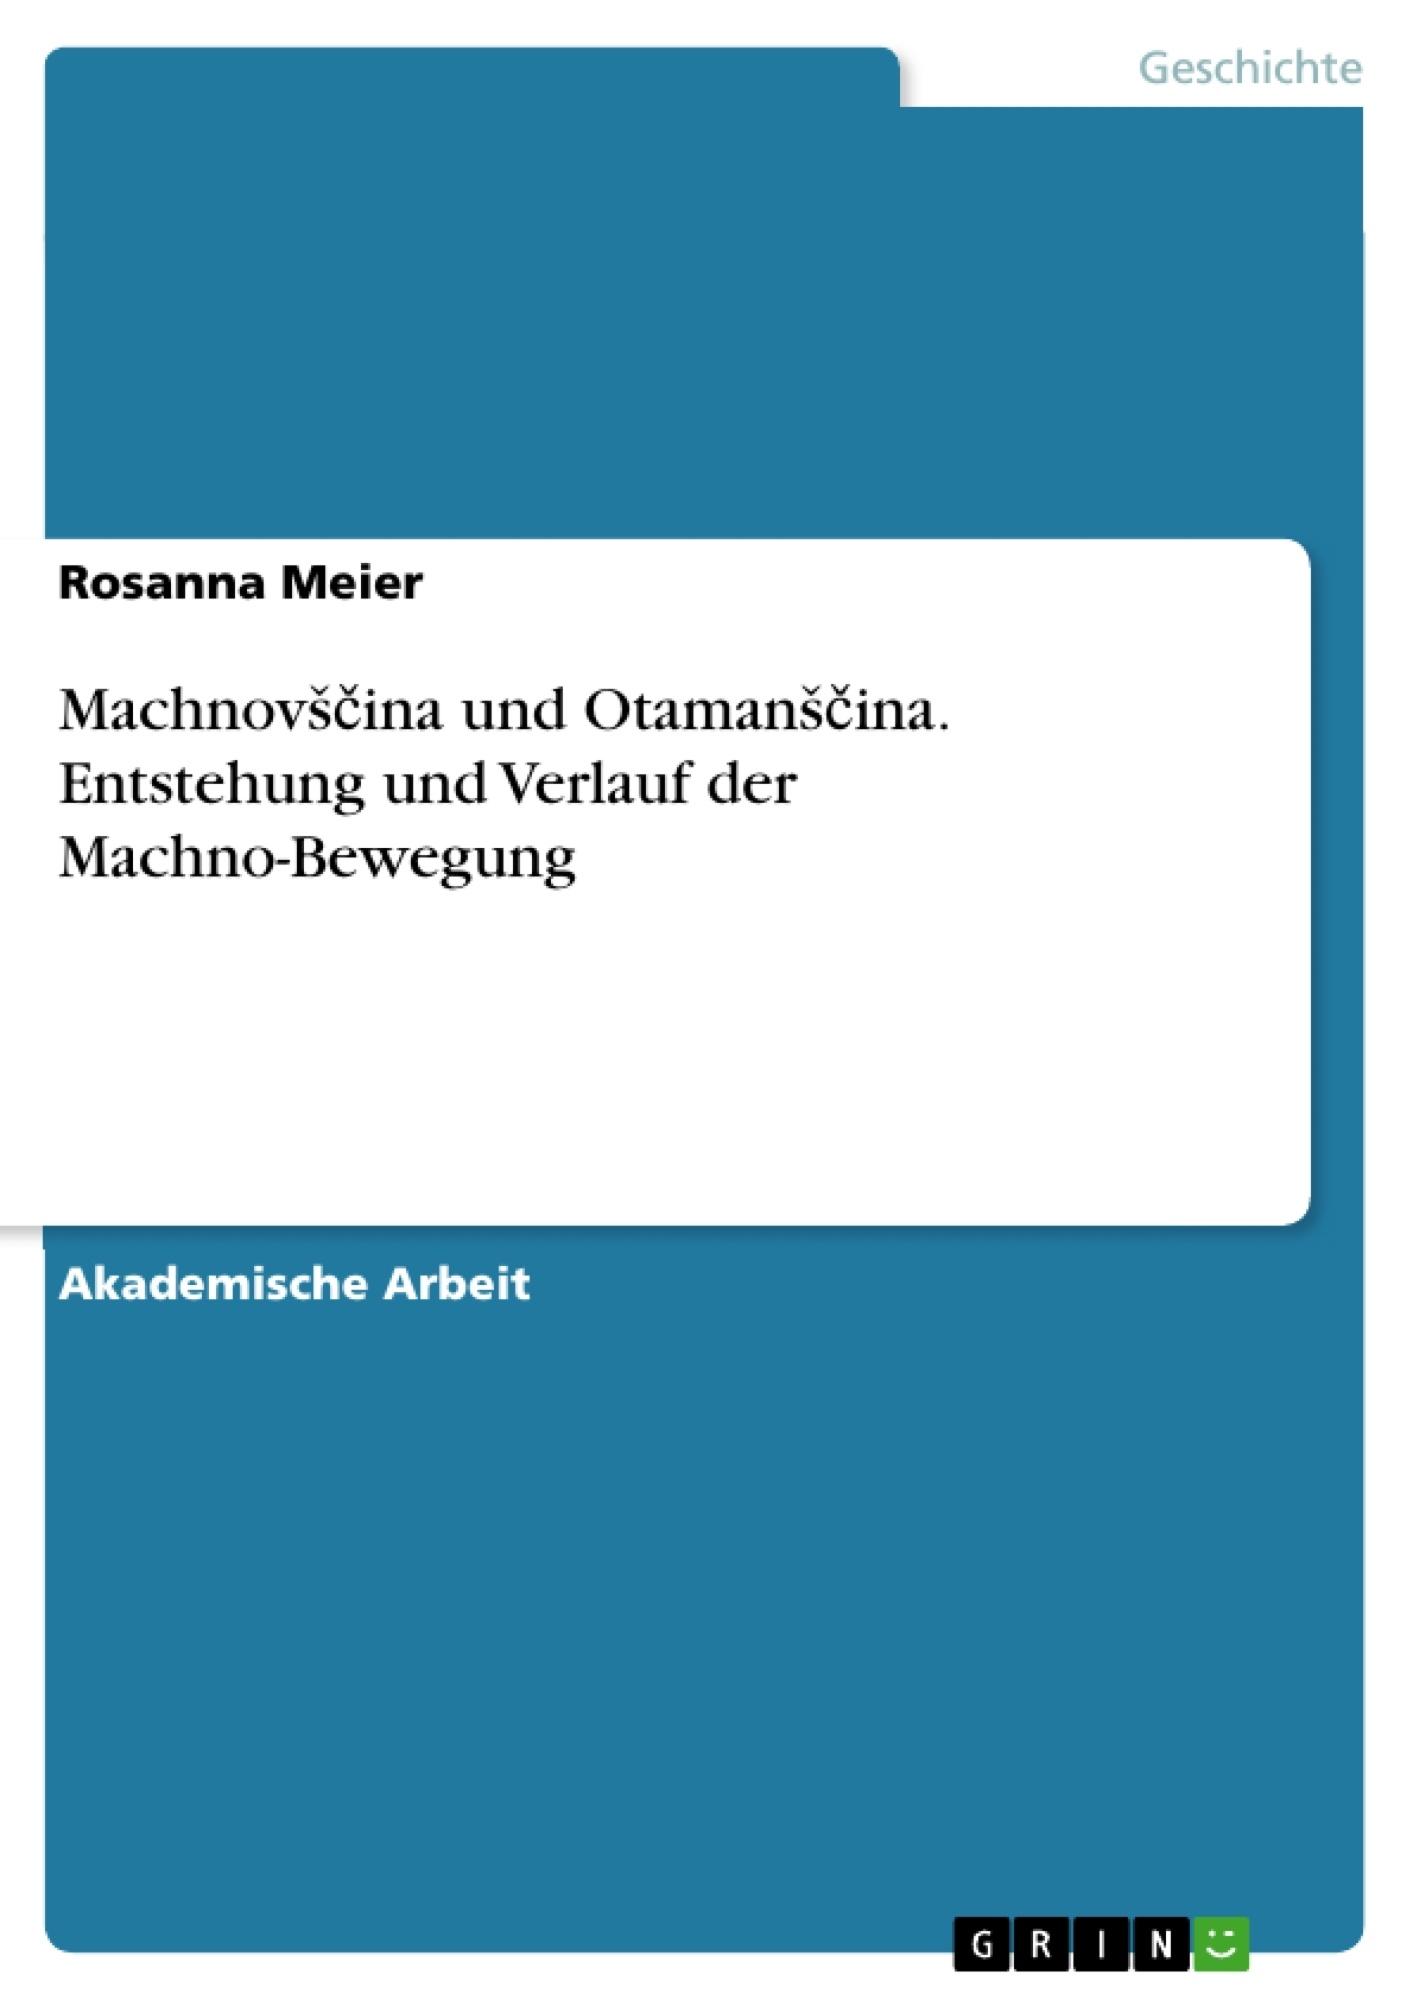 Titel: Machnovščina und Otamanščina. Entstehung und Verlauf der Machno-Bewegung